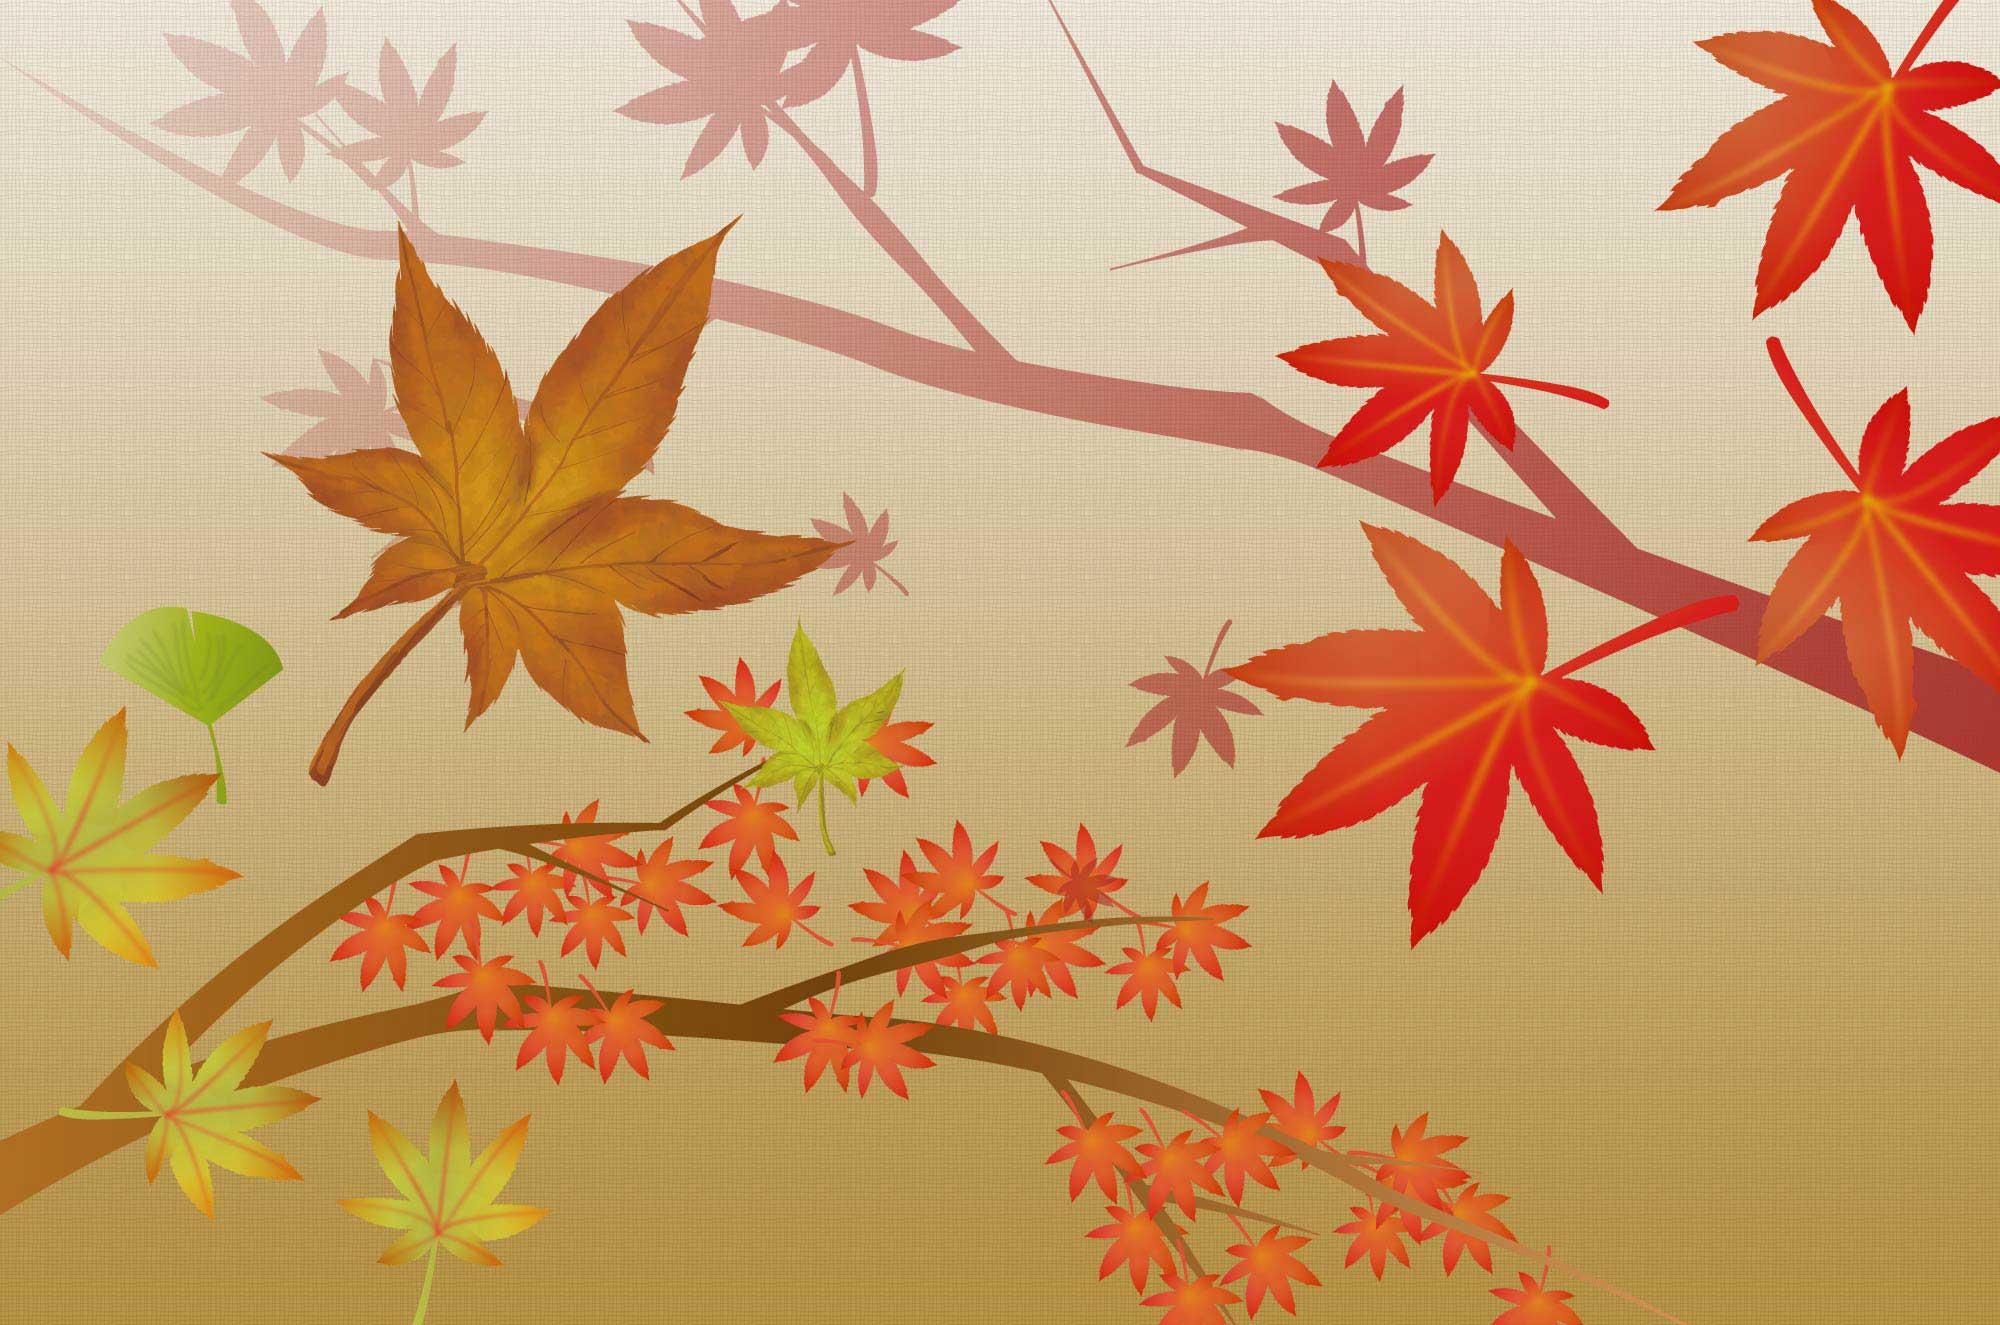 紅葉もみじの無料イラスト 秋の植物フリー素材 チコデザ